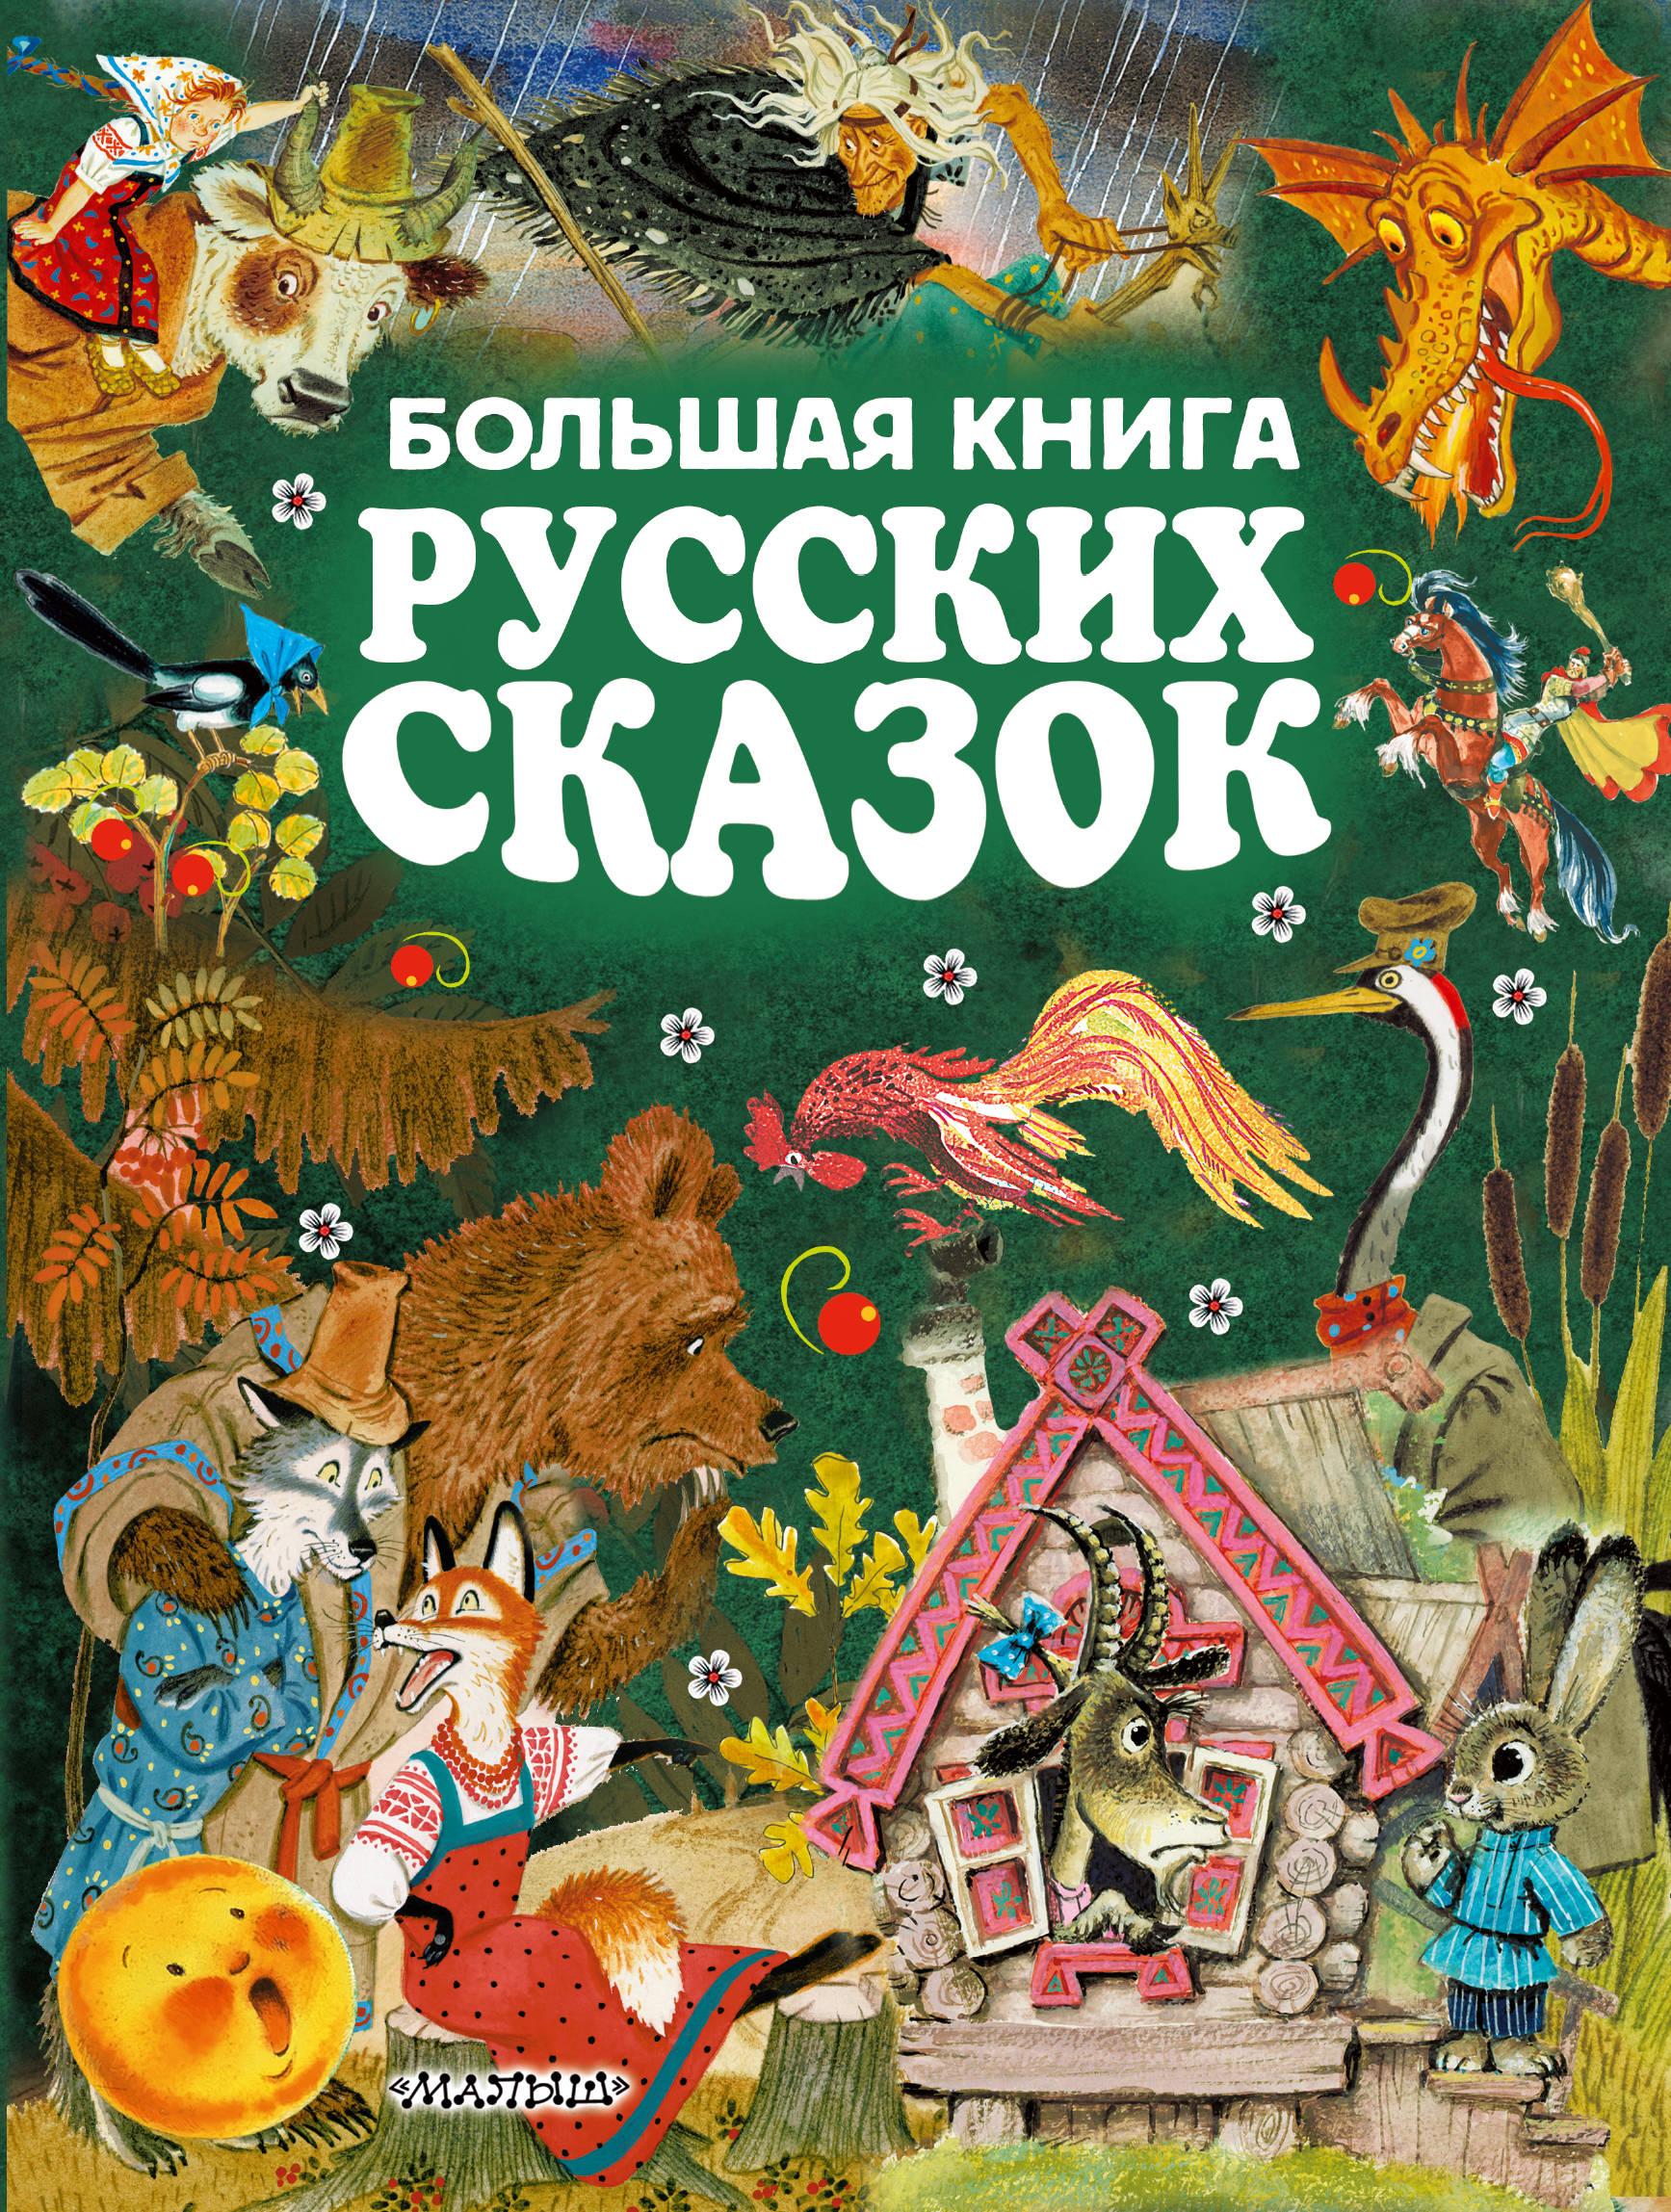 Толстой Алексей Николаевич Большая книга русских сказок толстой а к большая книга русских сказок все самые великие русские сказки